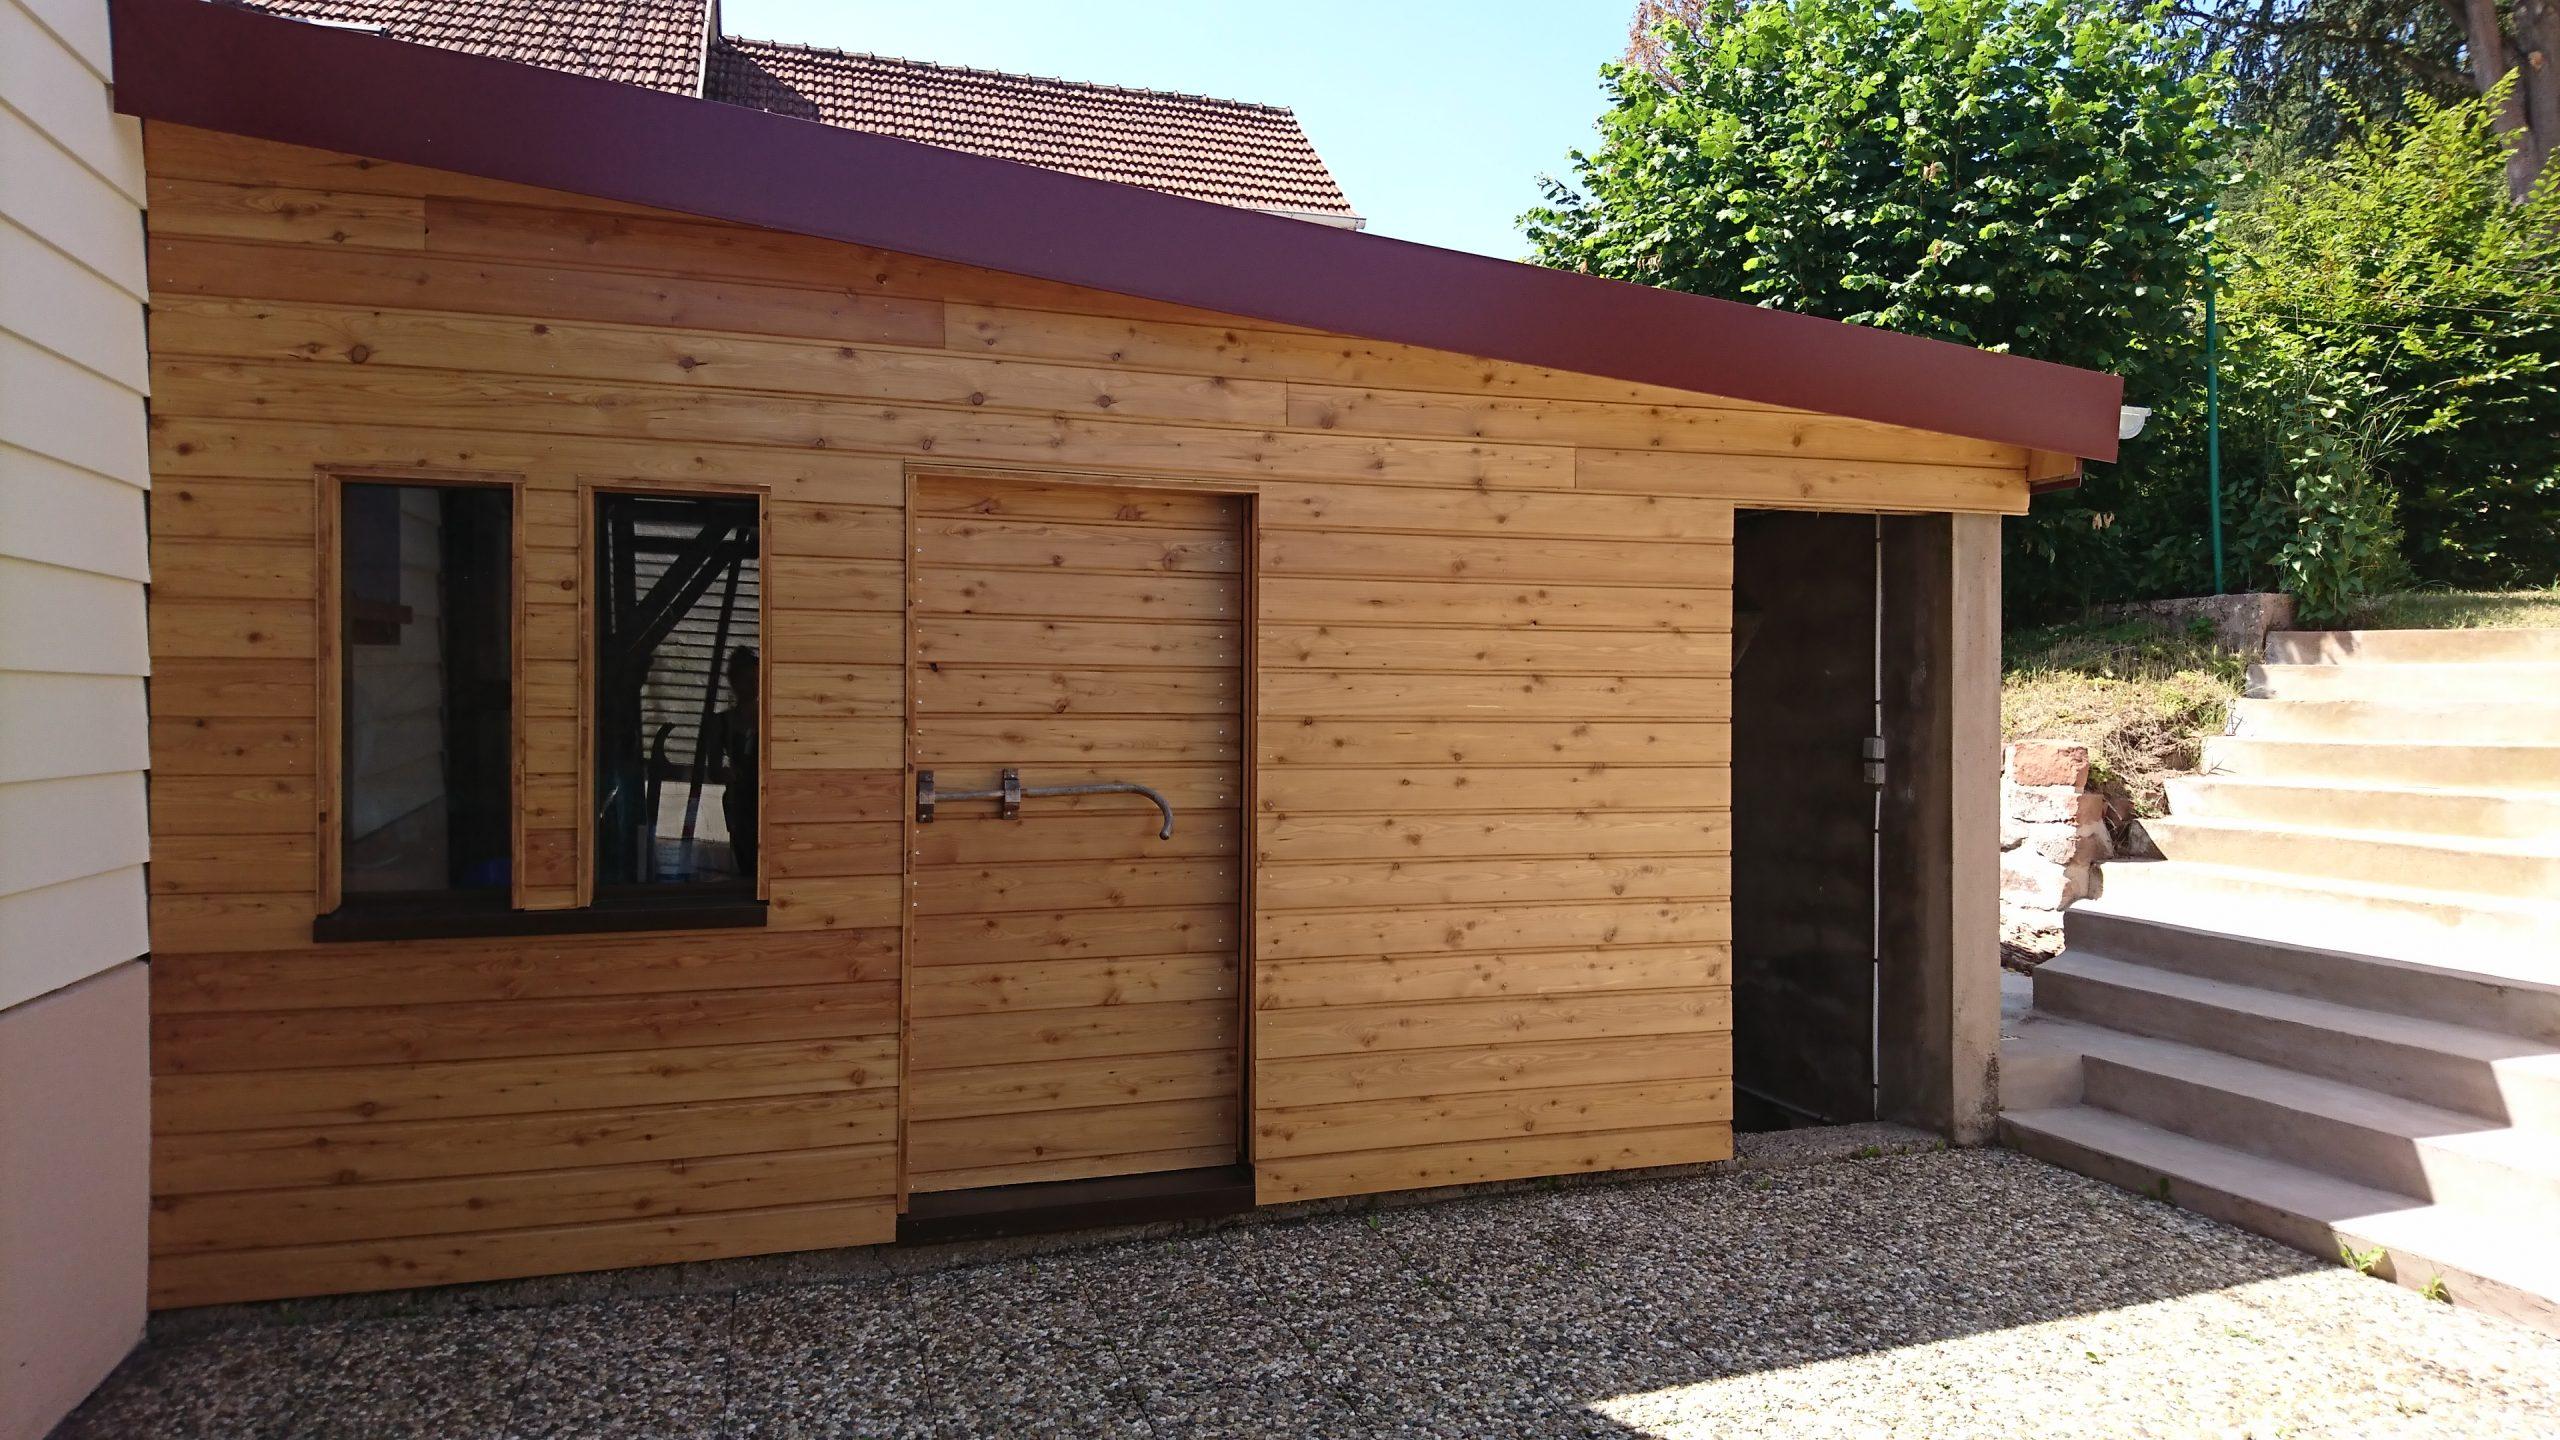 Rénovation d'une annexe en bois